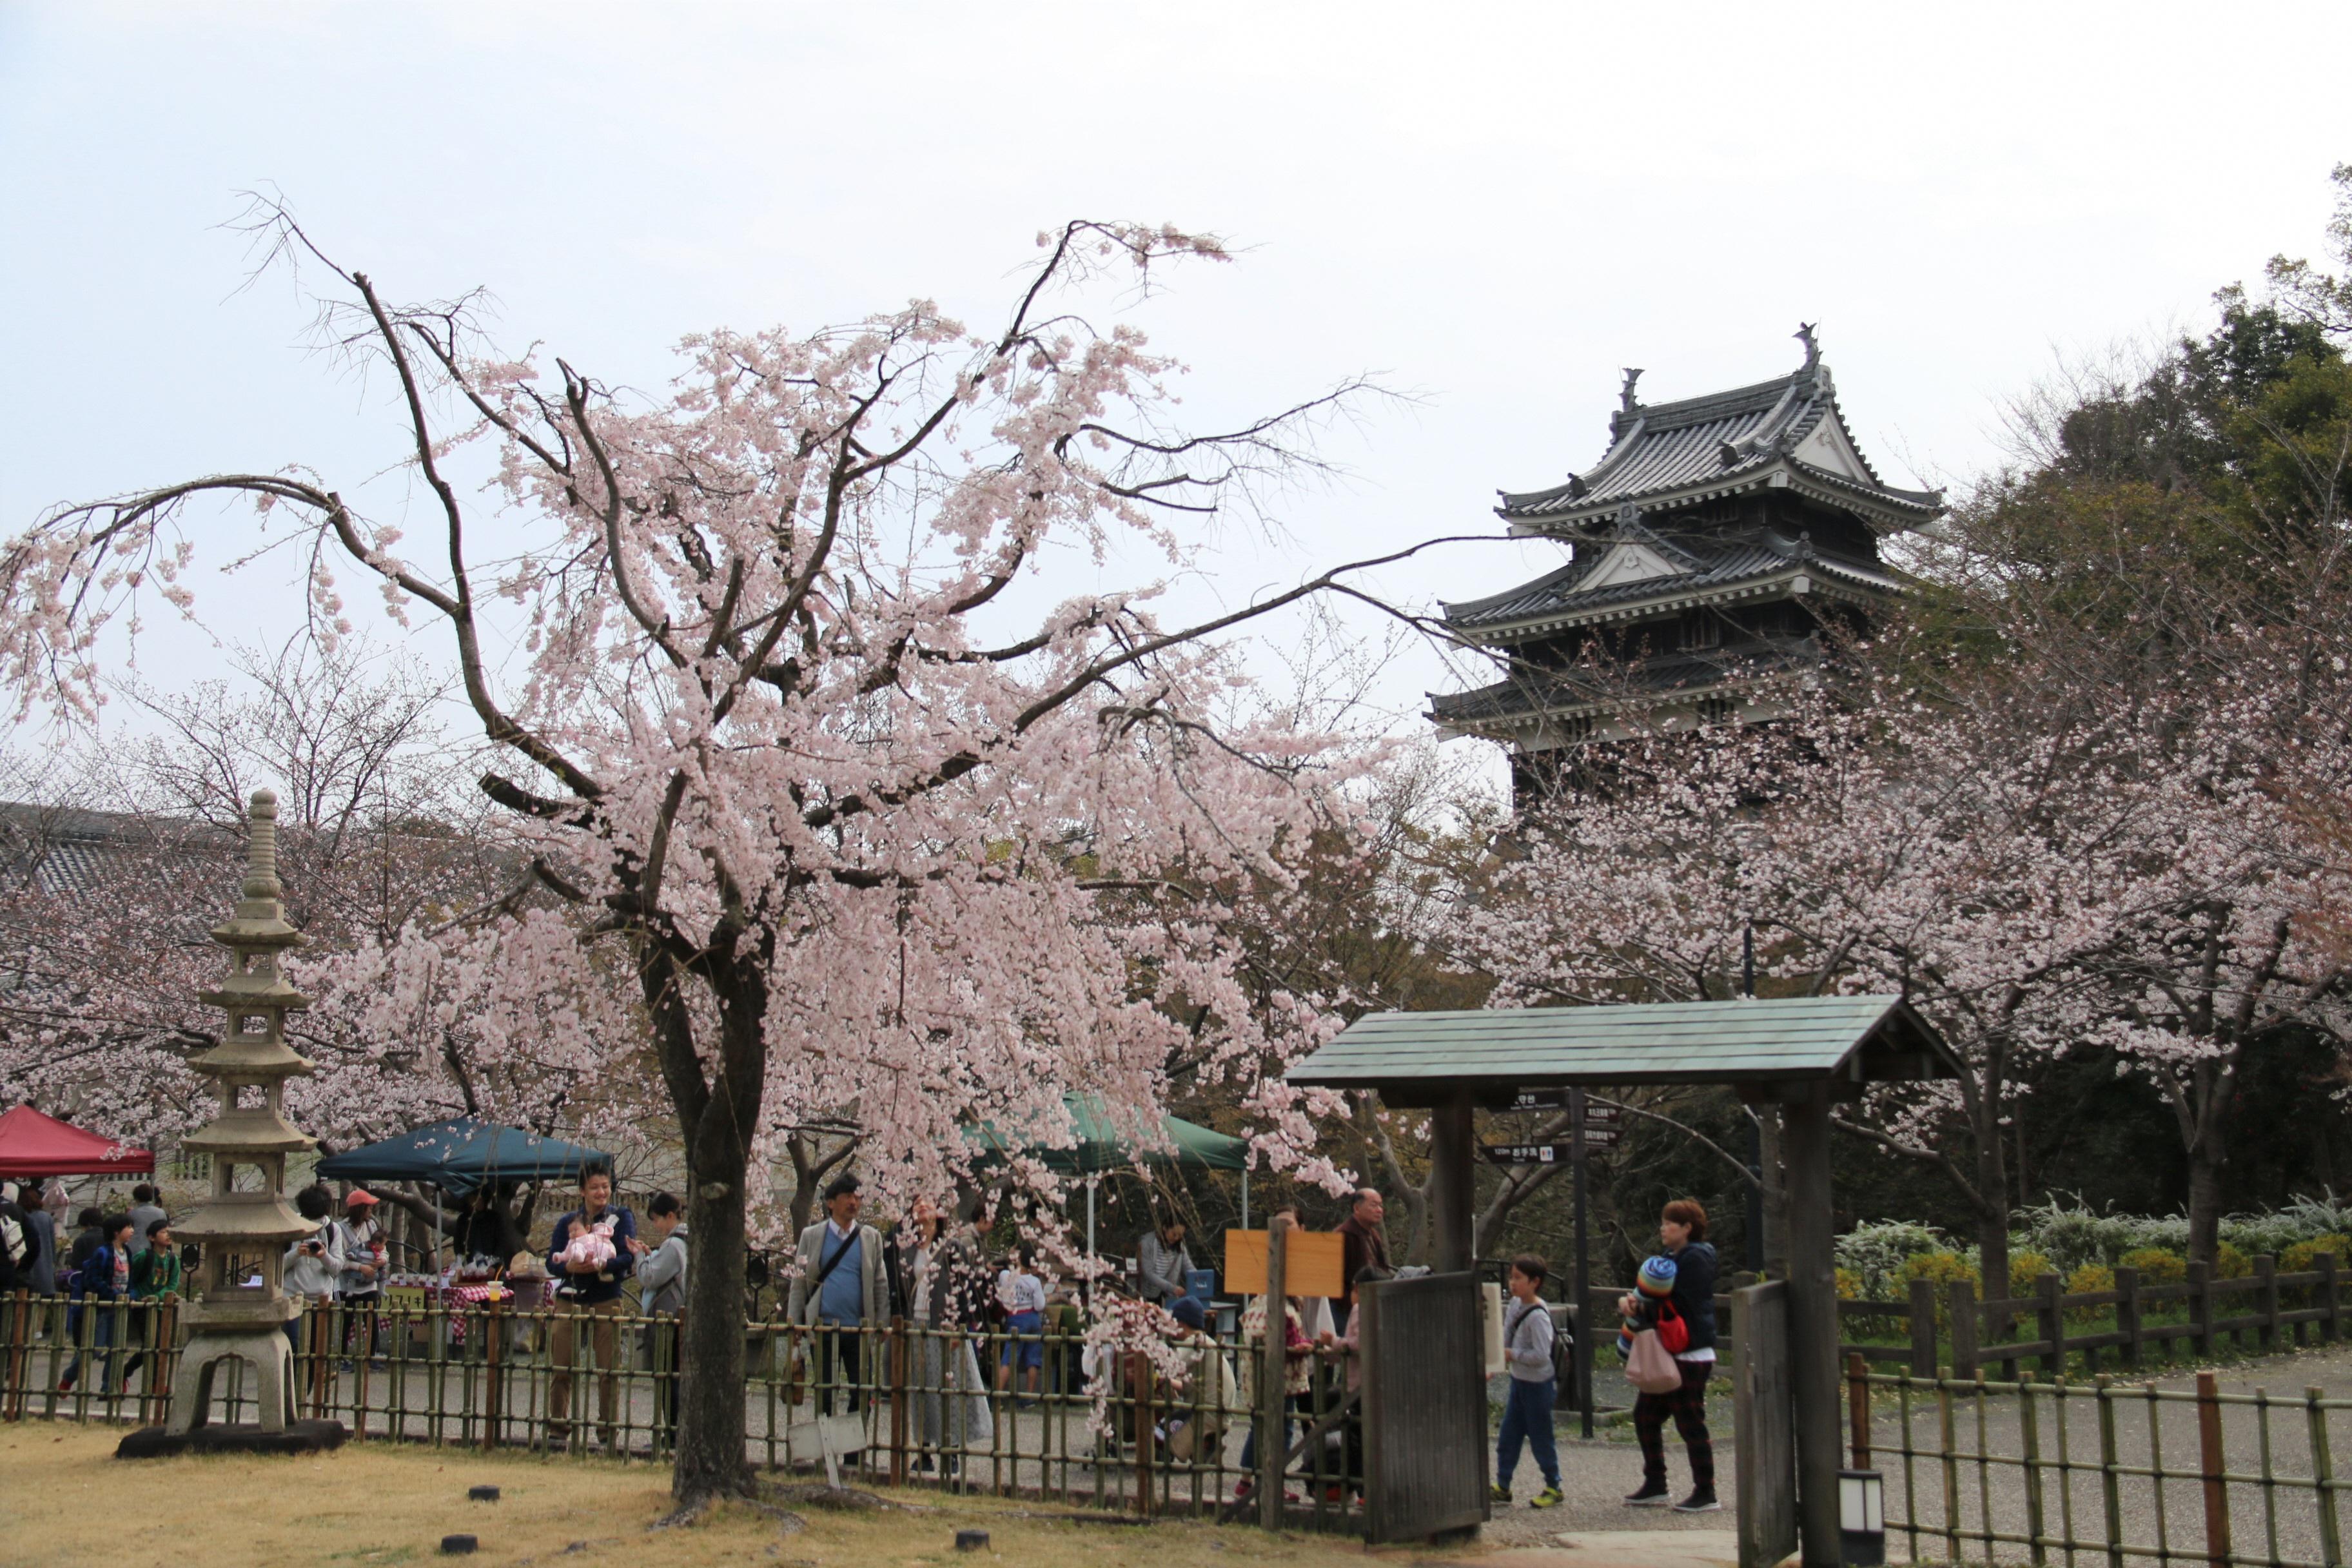 桜と歴史大満喫!ガイドと巡る城下町ウォーキング参加者募集🌸